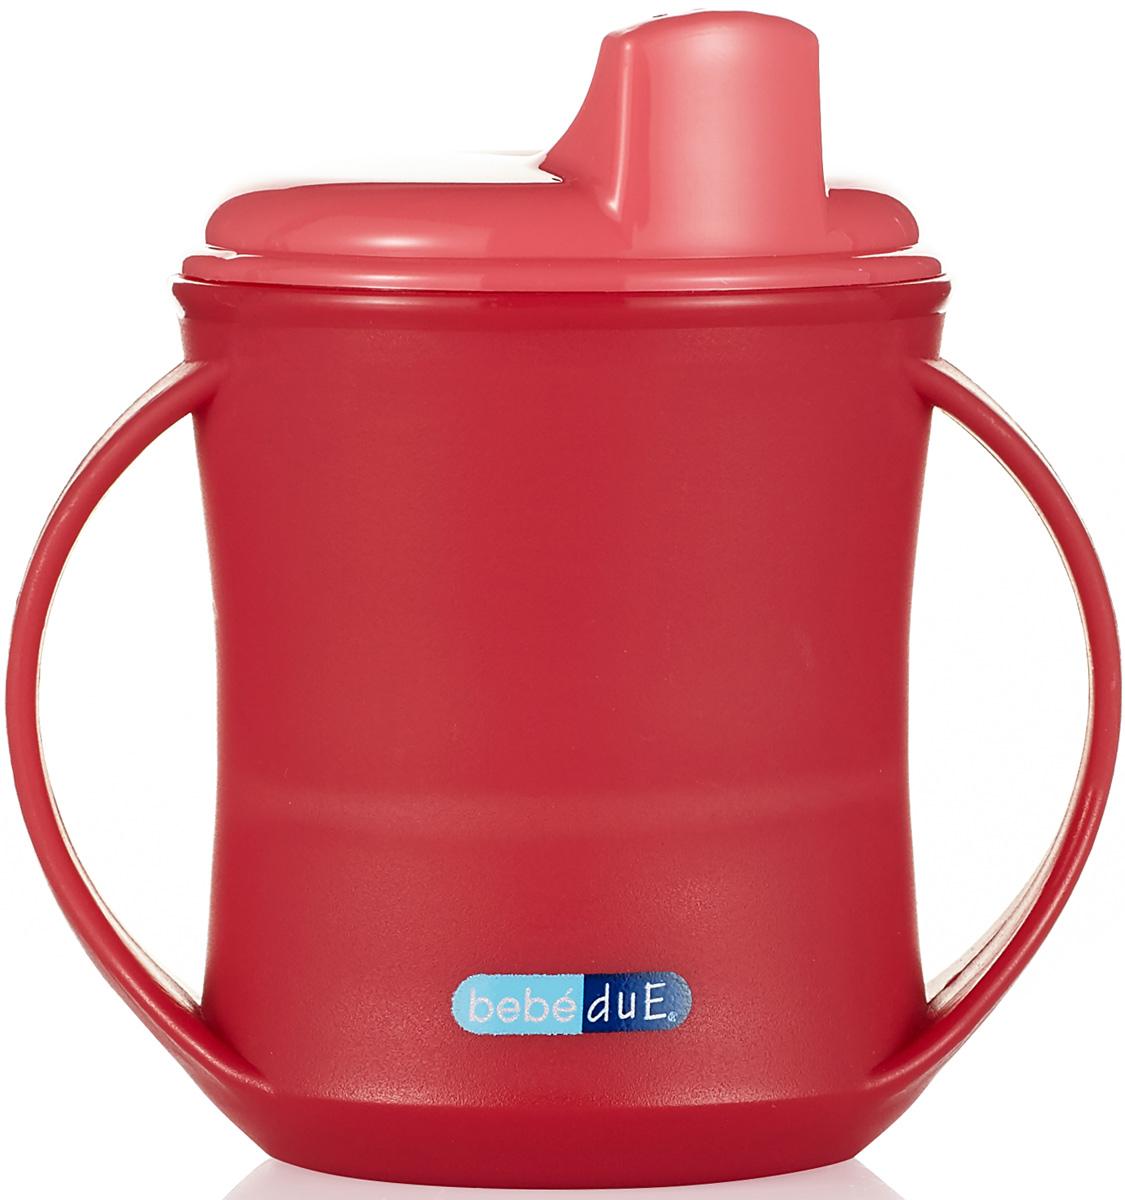 Bebe Due Чашка-поильник 2в1 210 мл цвет розовый красный с 18 месяцев поильники bebe due чашка непроливайка bebe due medic